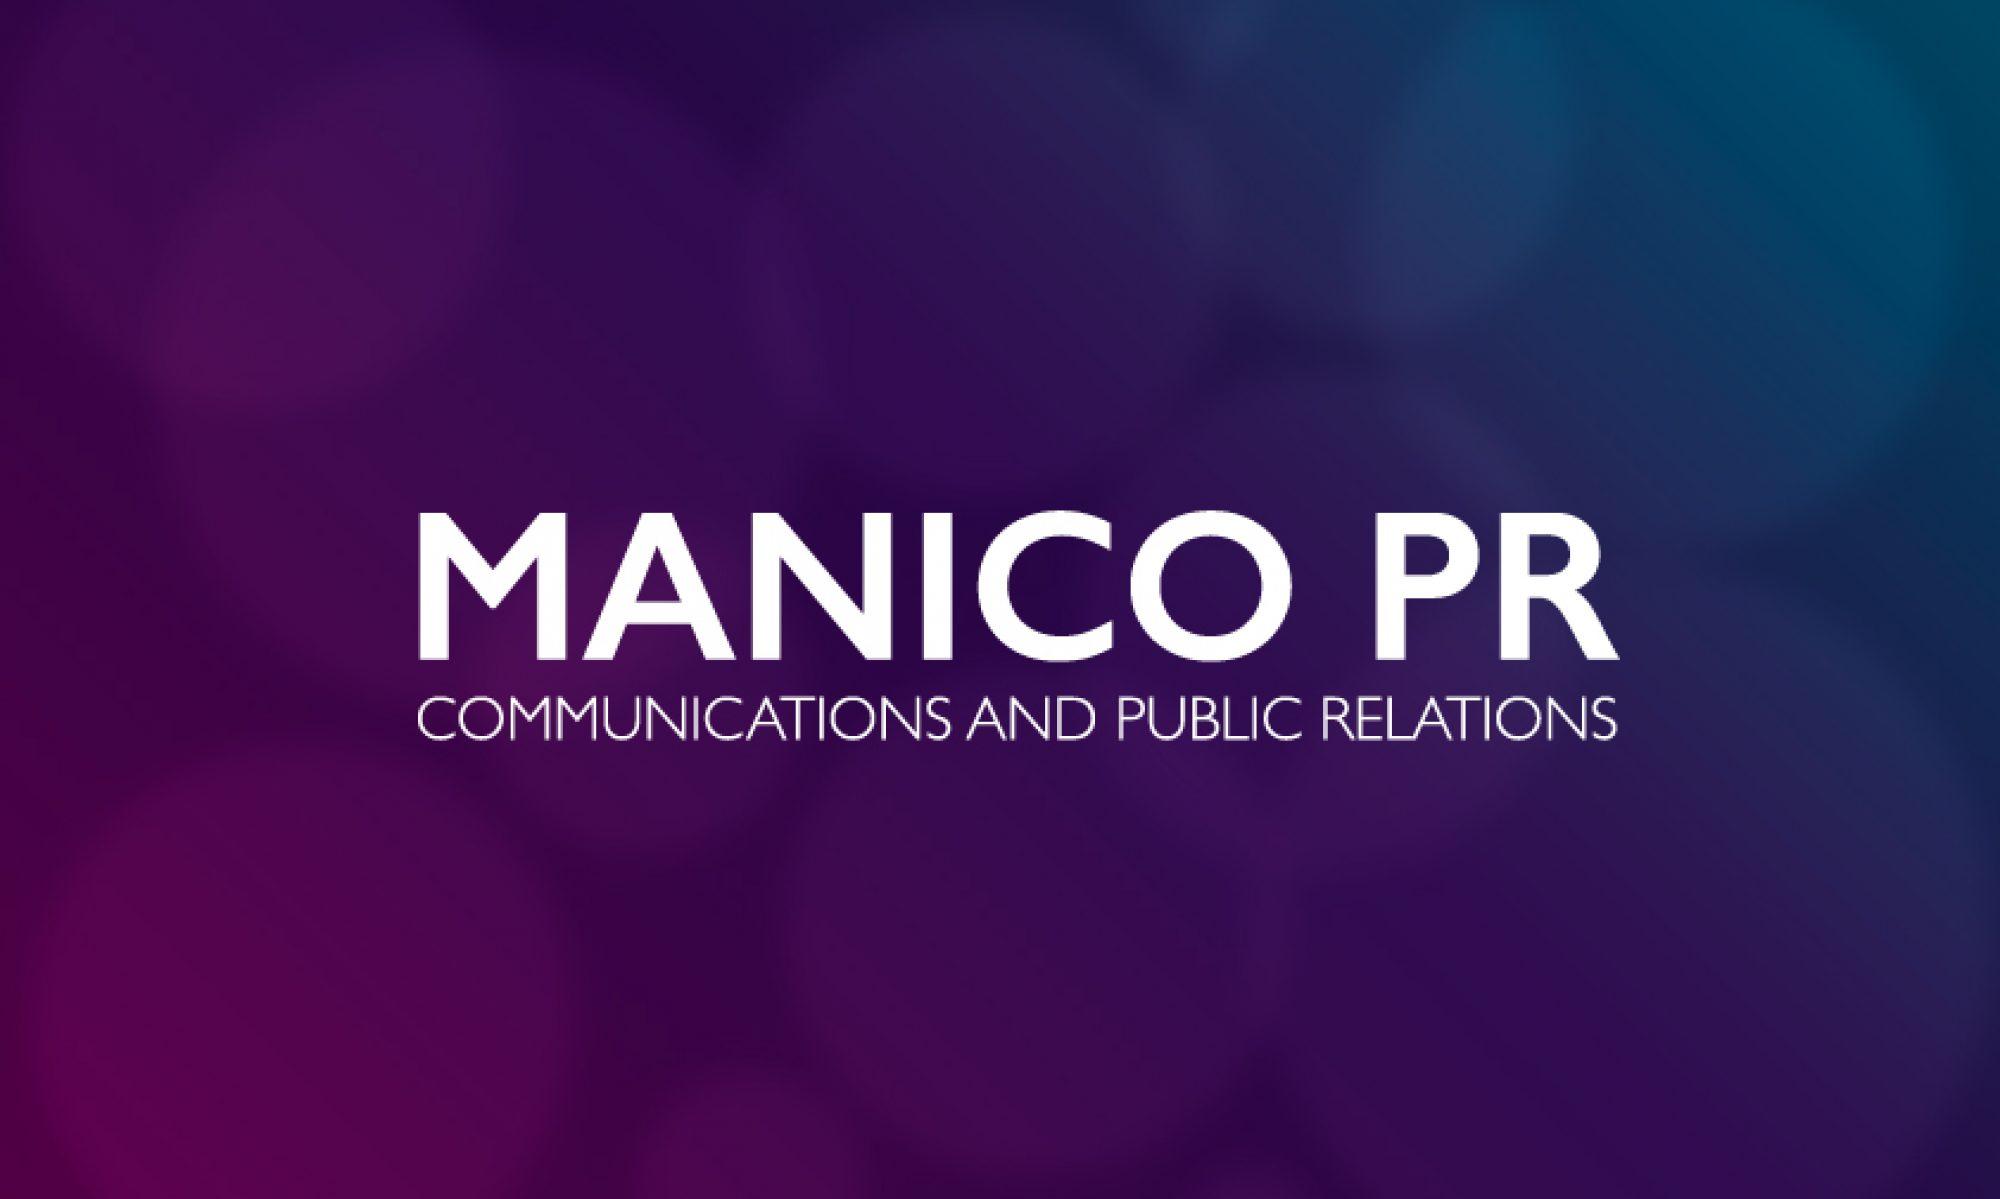 Manico PR